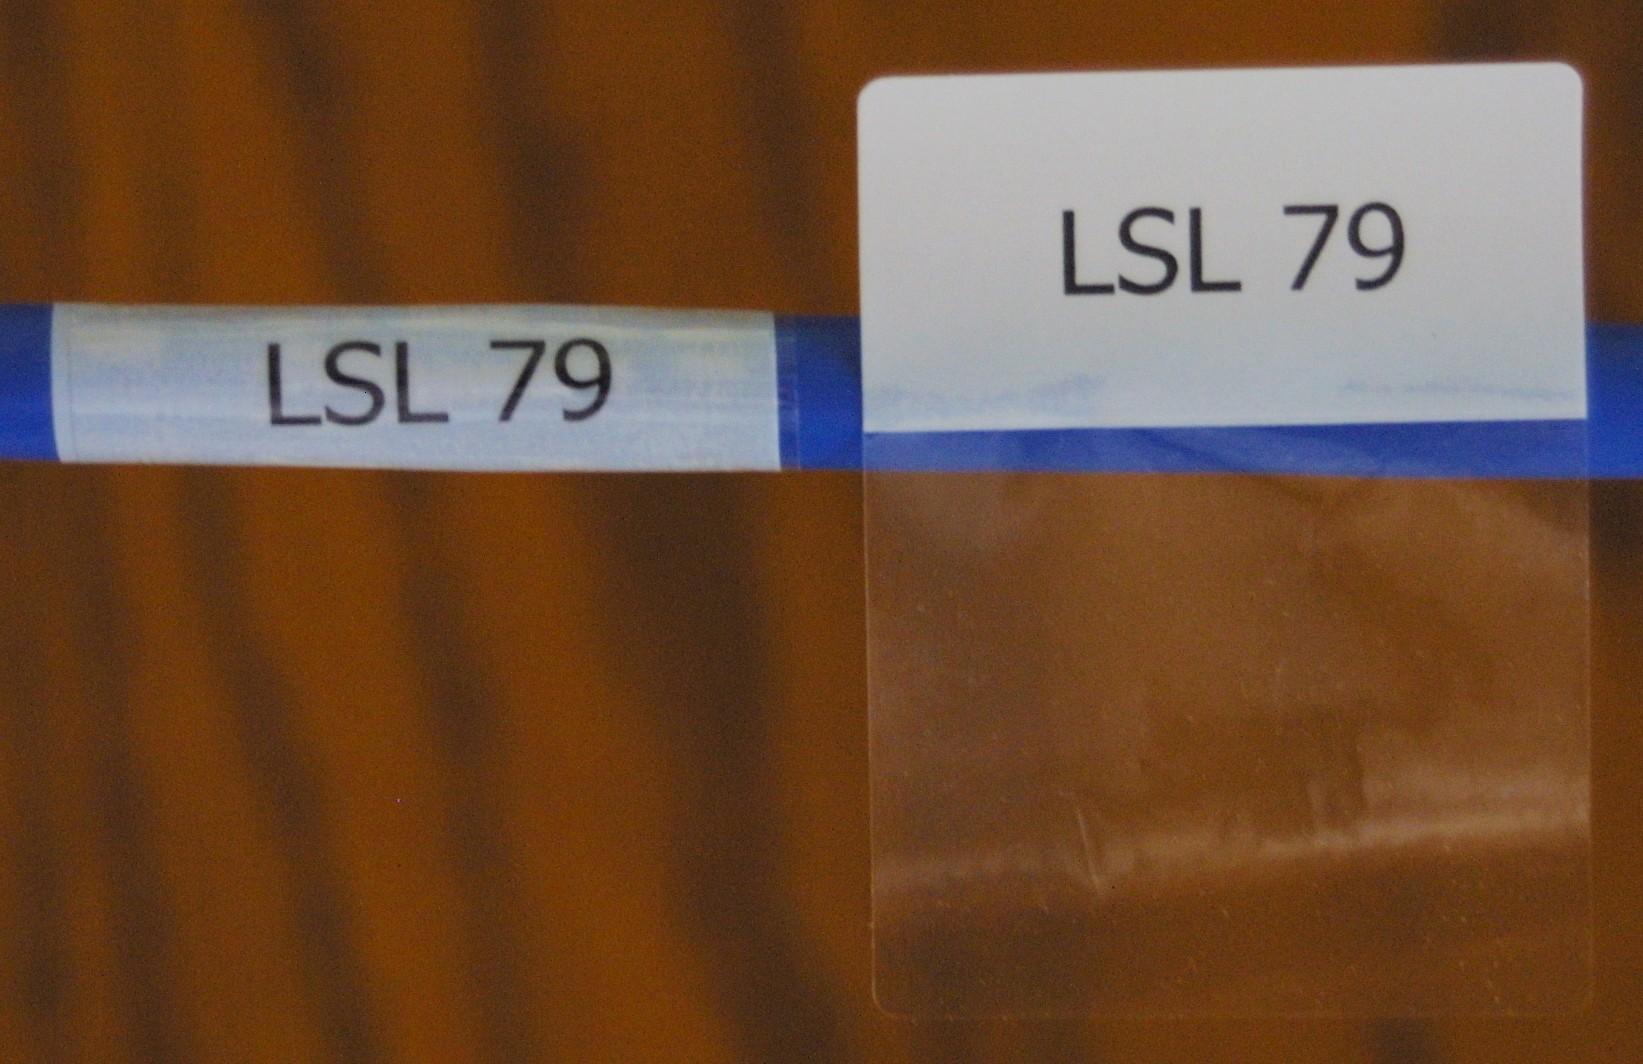 Cable Labels Lsl 79 16 Labels Per Sheet